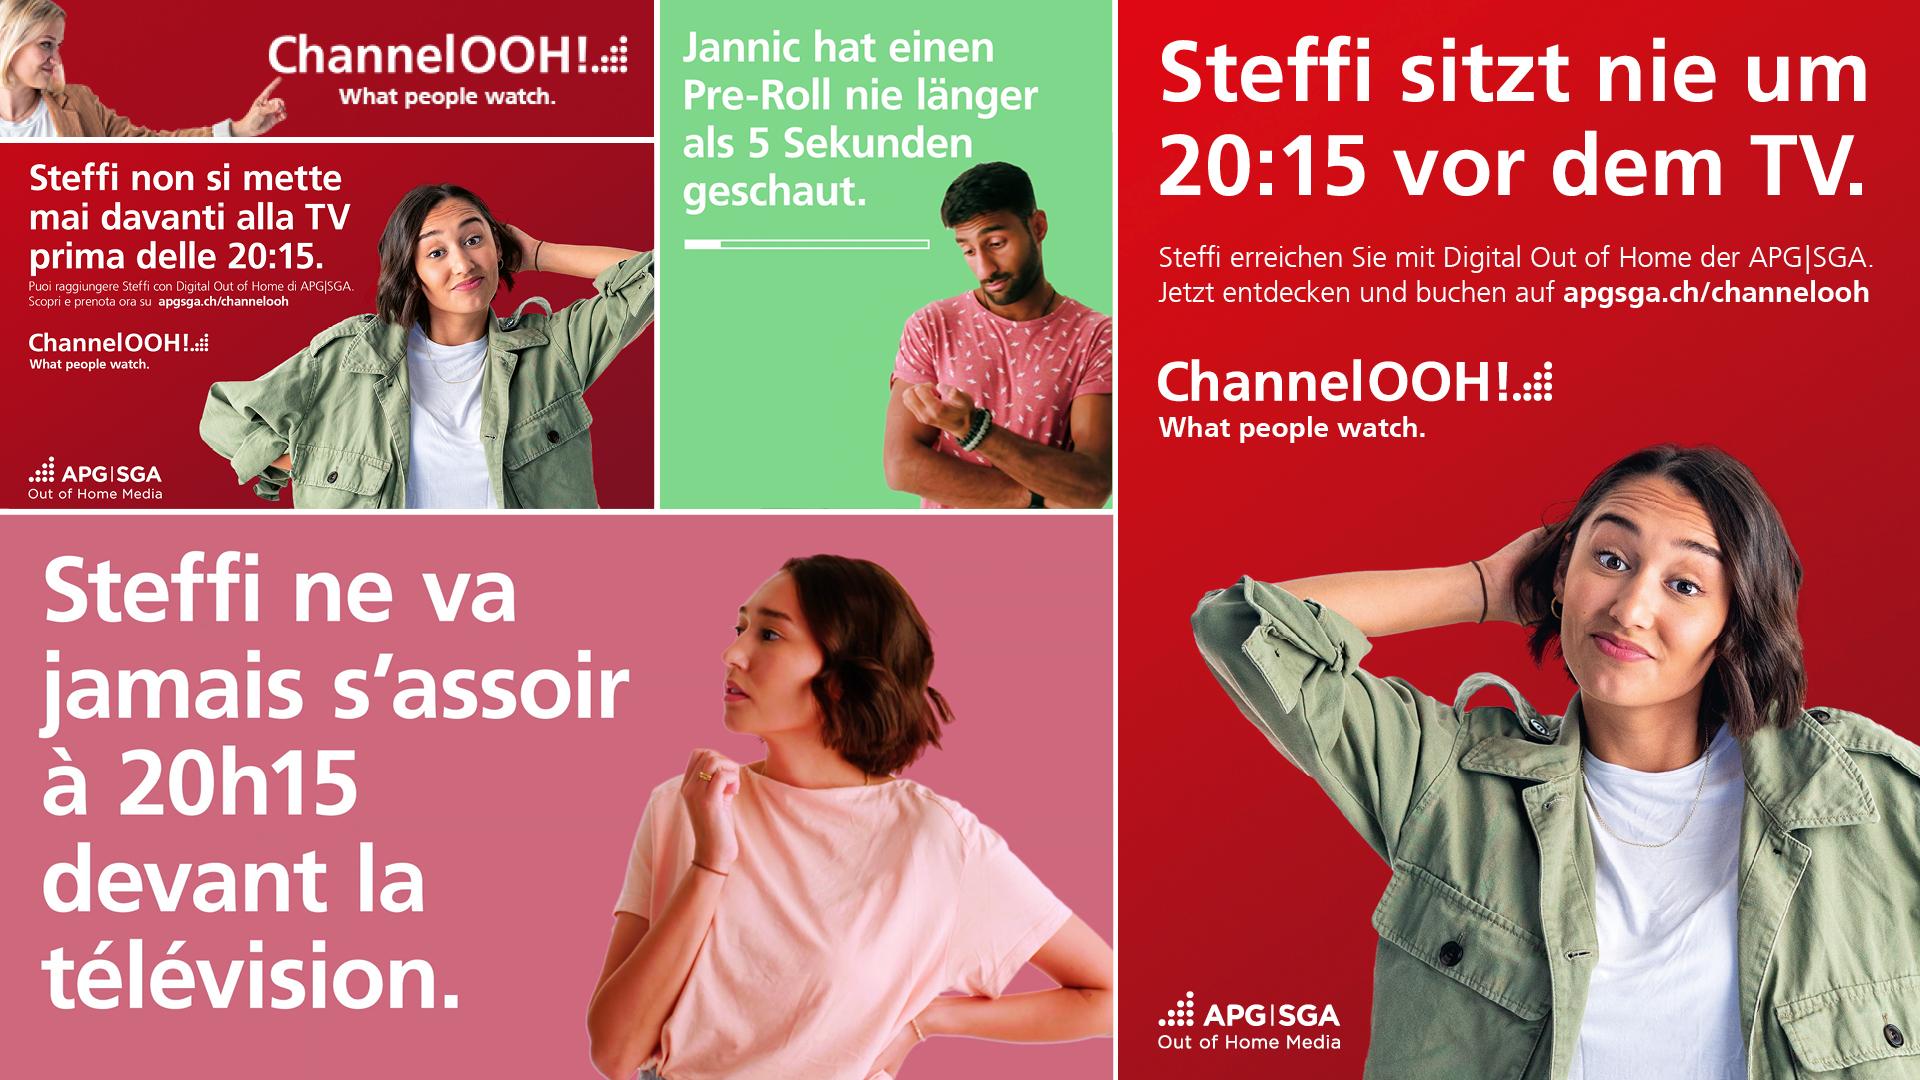 ChannelOOH_Sujets_big